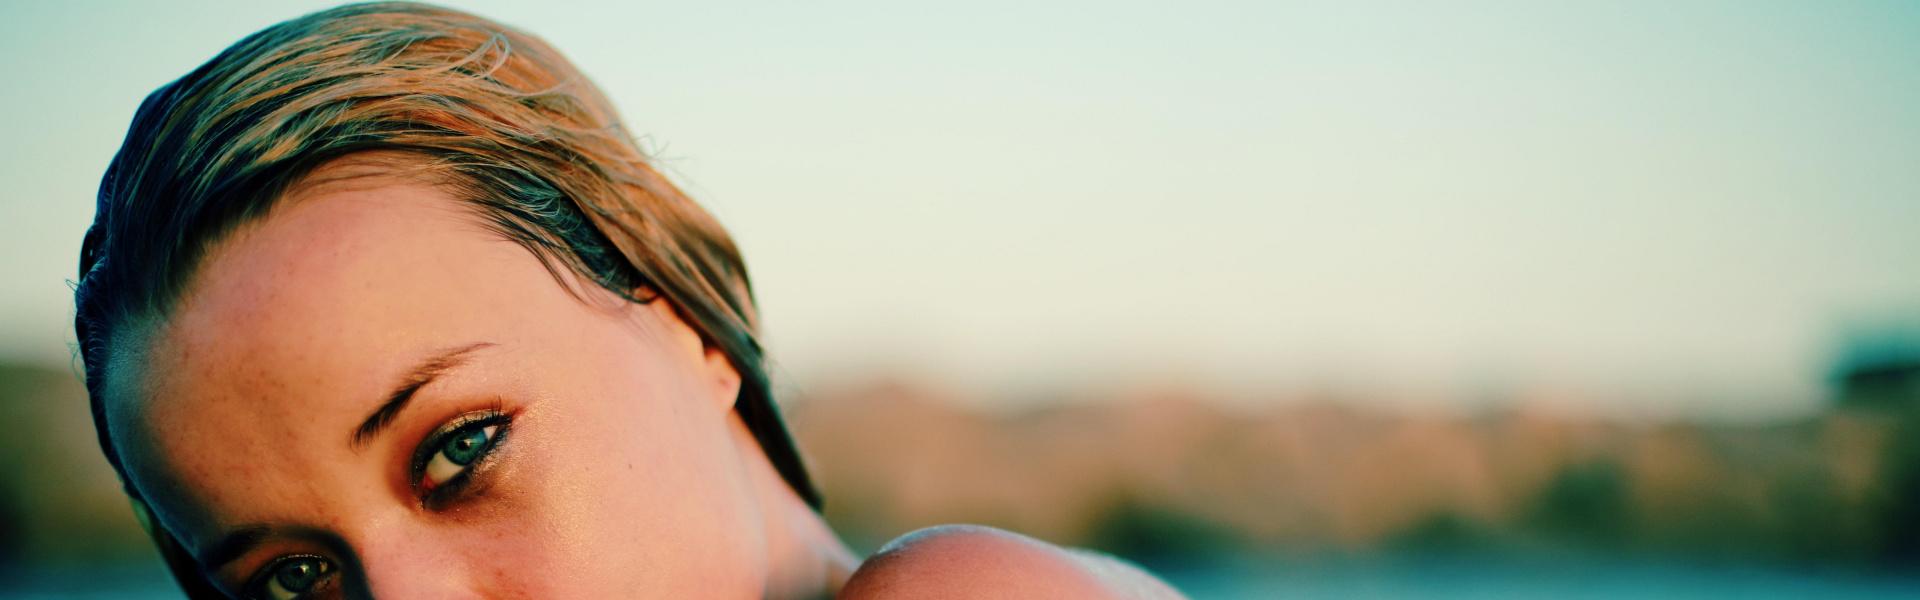 Consells per utilitzar lents de contacte a l'estiu